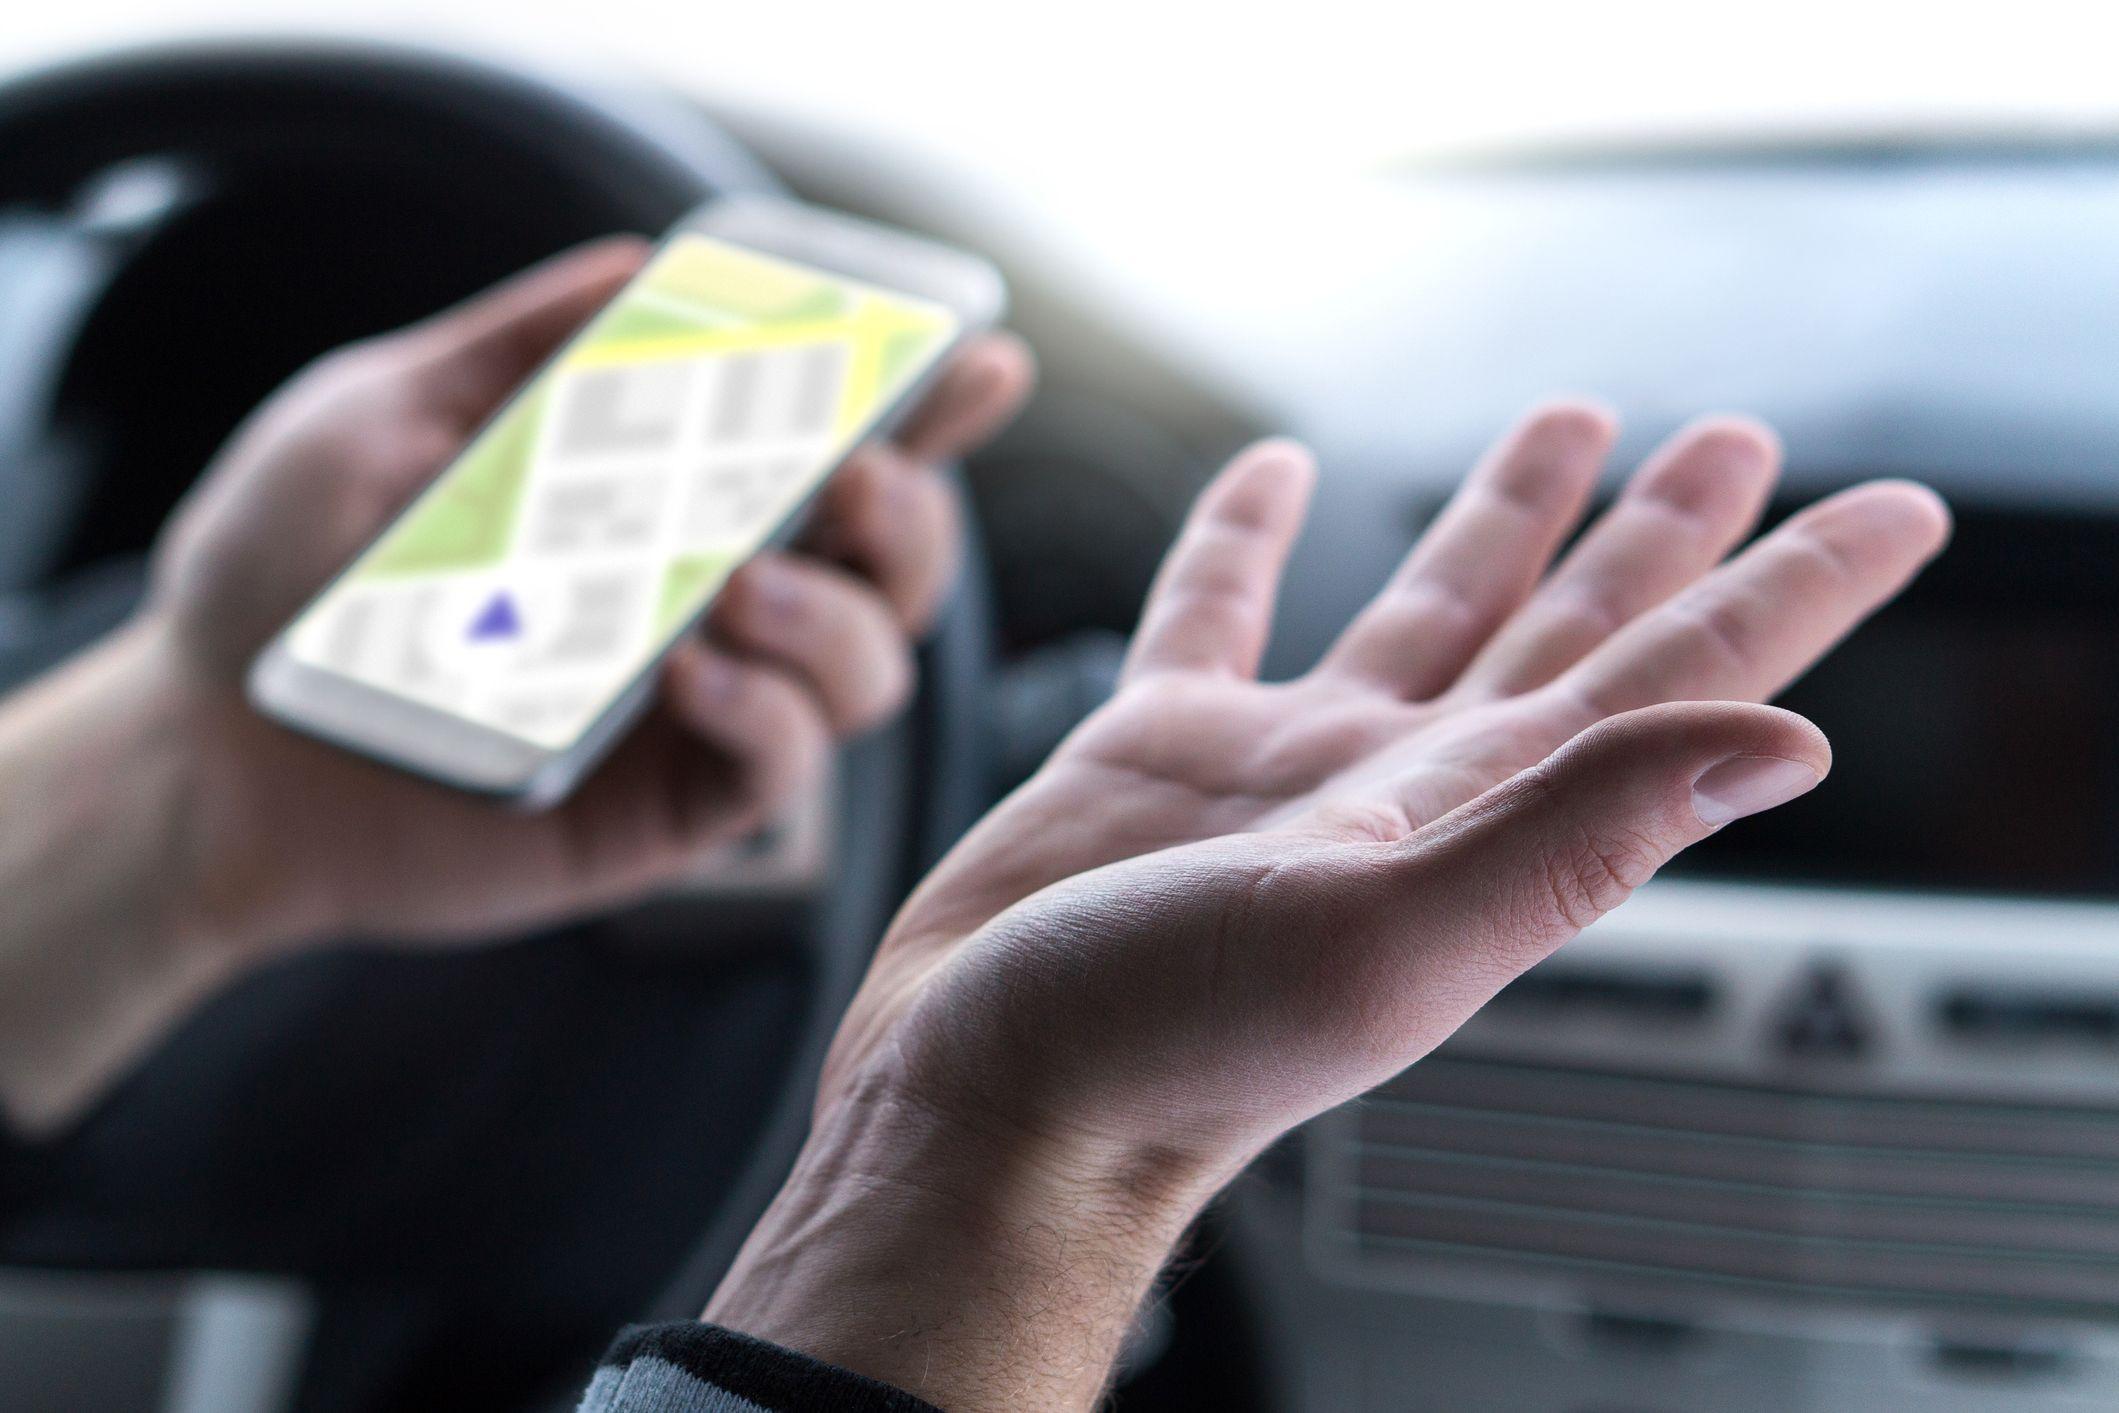 Localizadores GPS terão problemas no início de abril